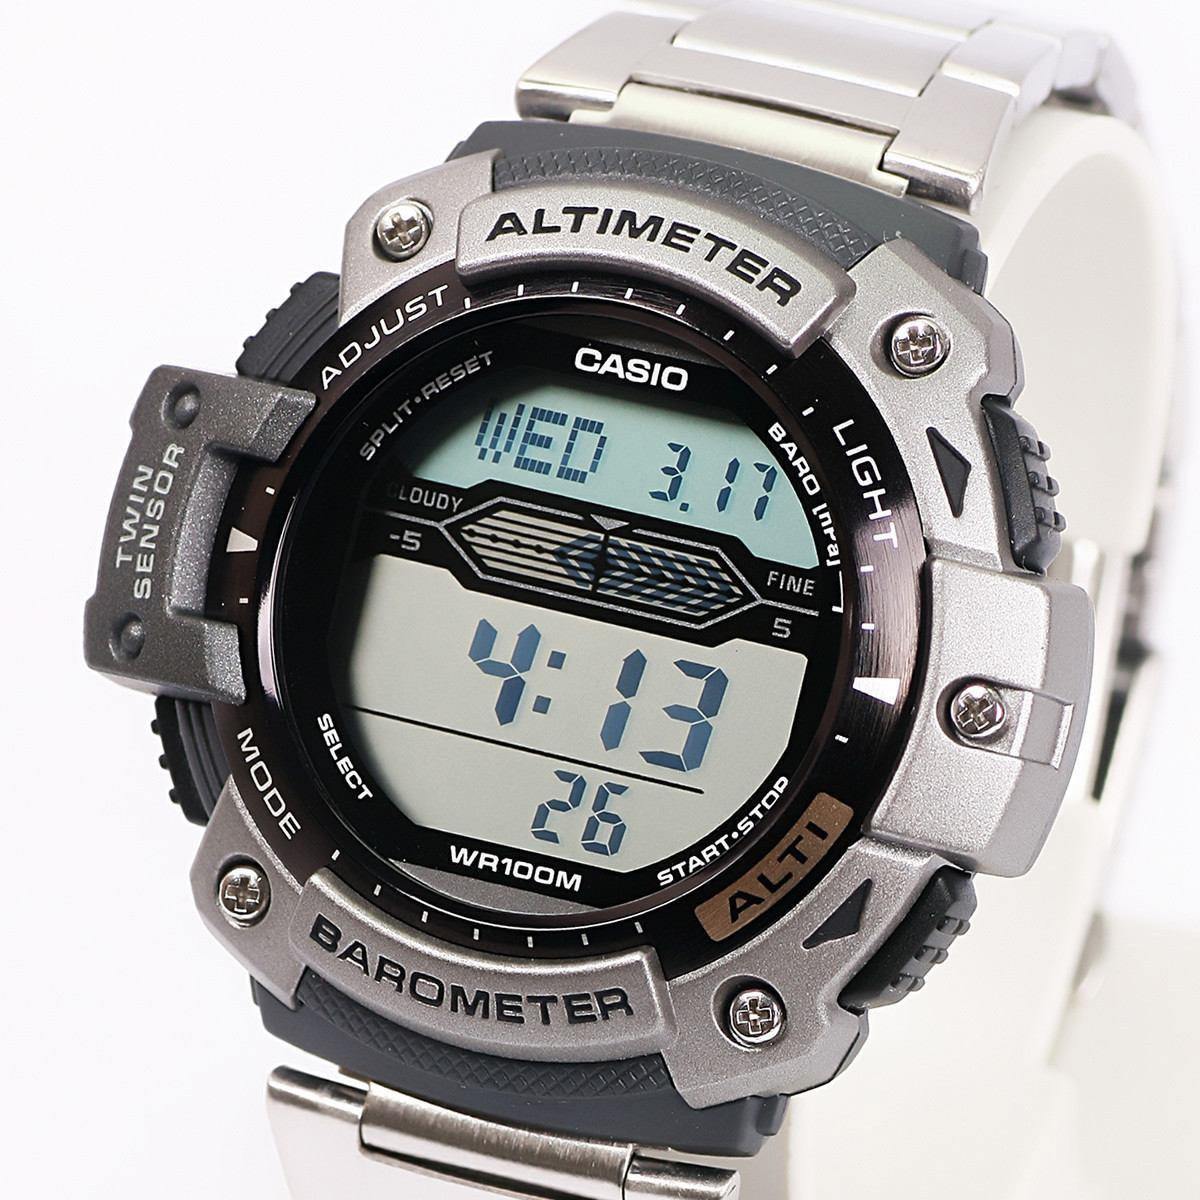 3b97591498de reloj casio sgw 300 acero altimetro barometro termometro+obq. Cargando zoom.